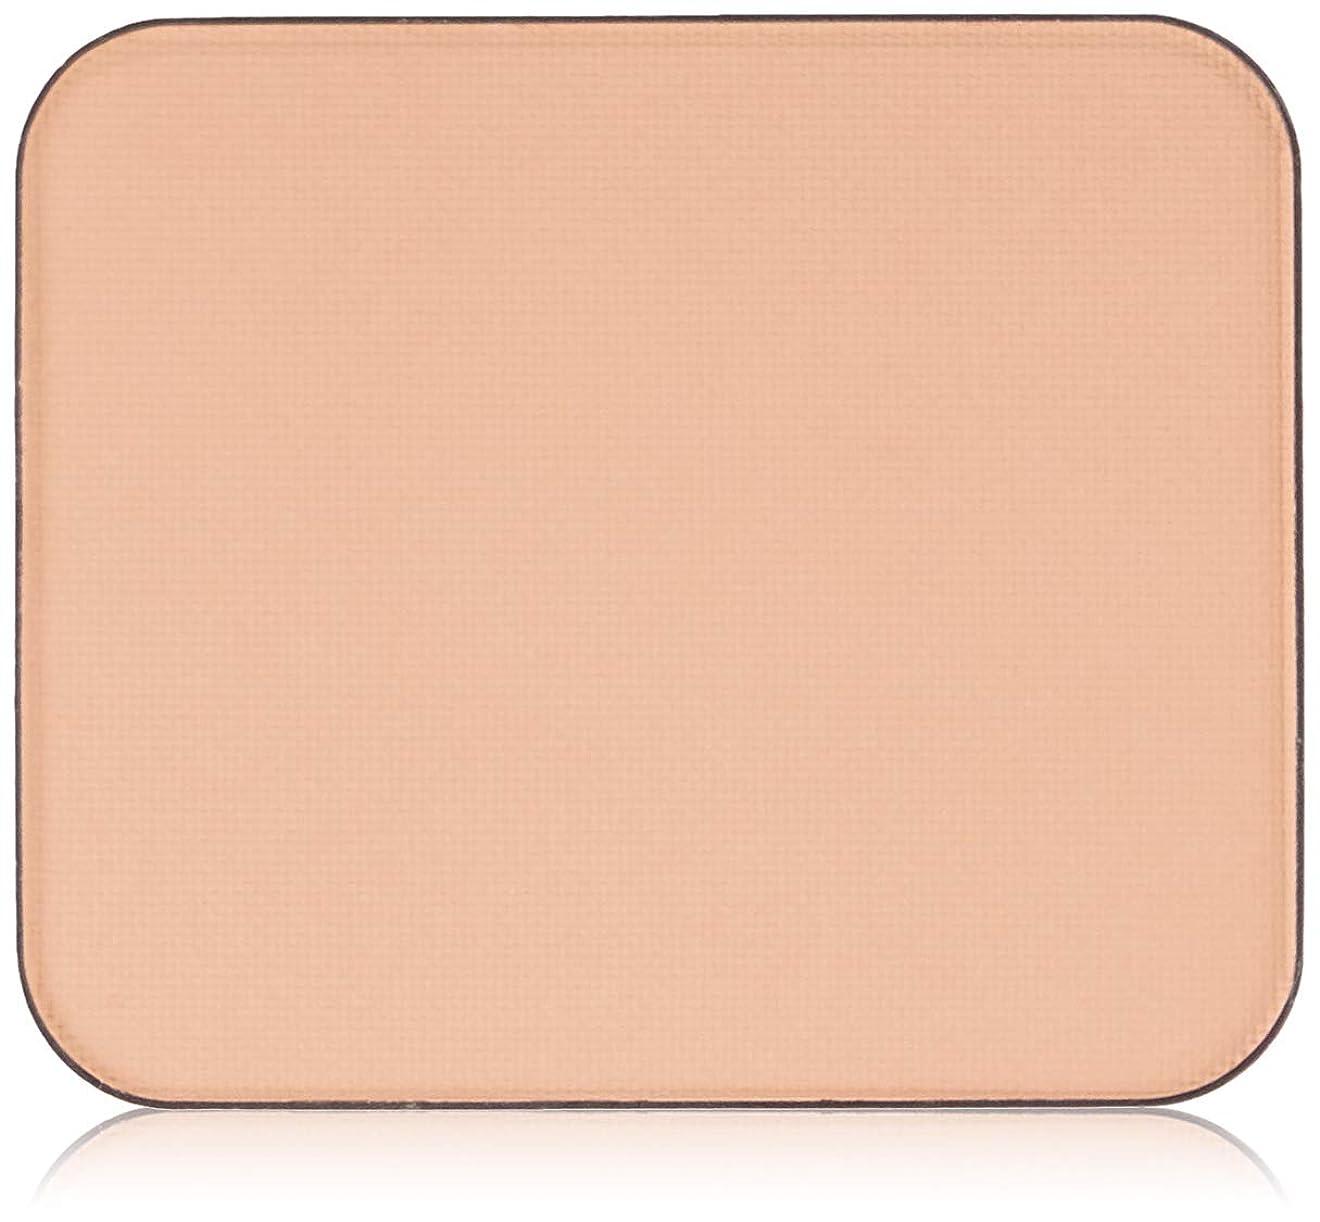 うがい薬保有者杖Celvoke(セルヴォーク) インテントスキン パウダーファンデーション 全5色 102 明るいオークル系(標準色)